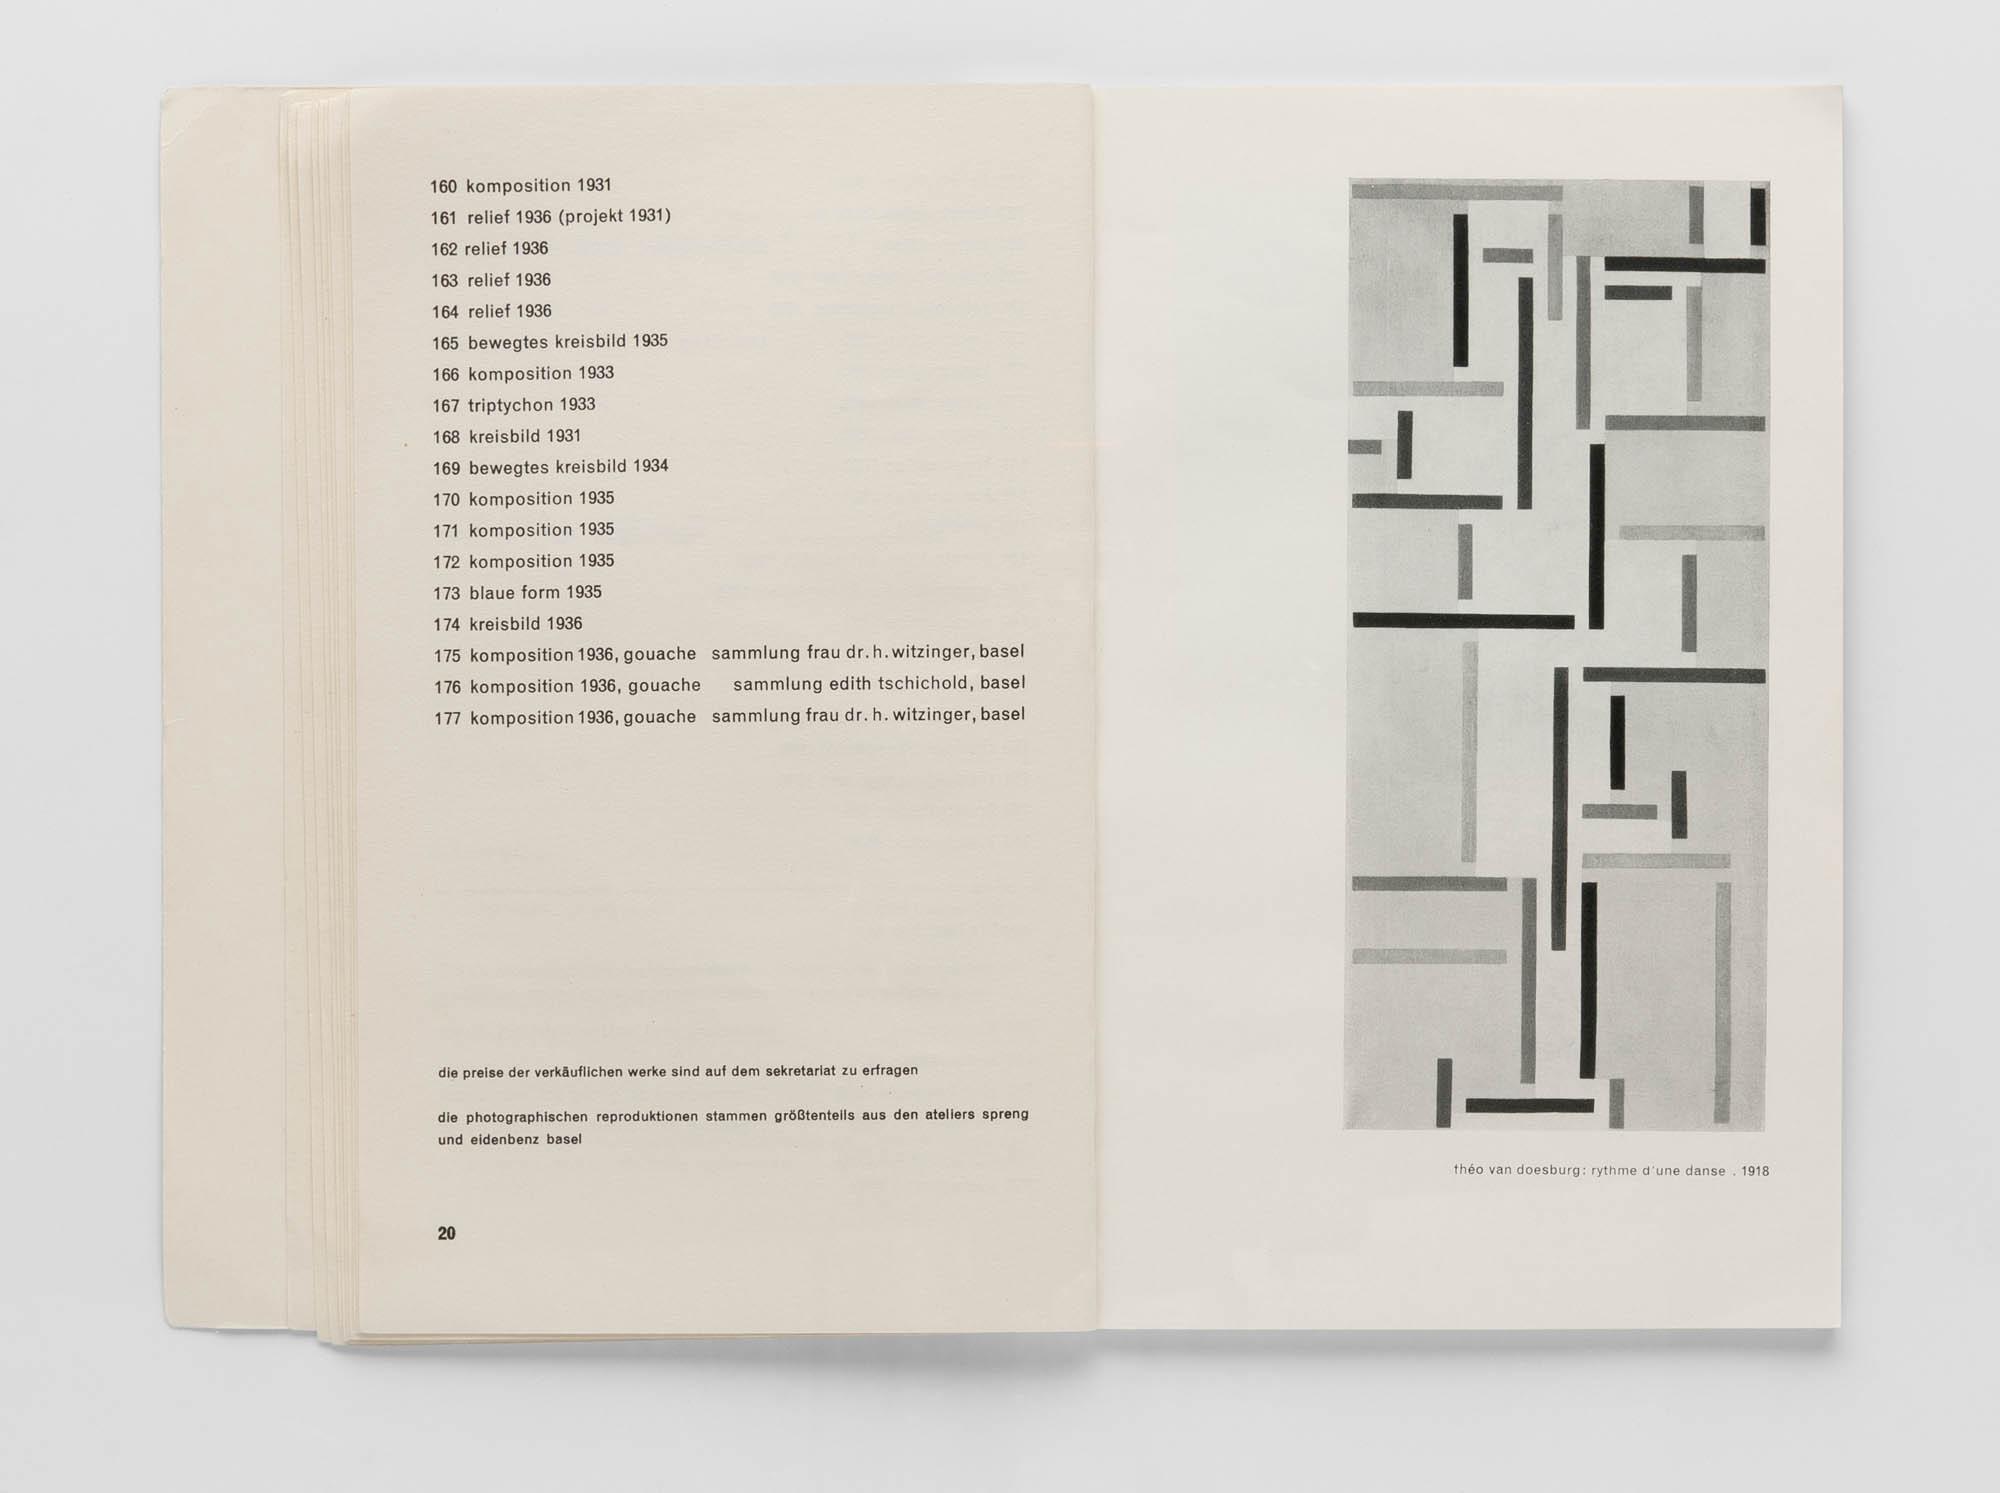 Kunsthalle Basel – Konstruktivisten Jan Tschichold Poster